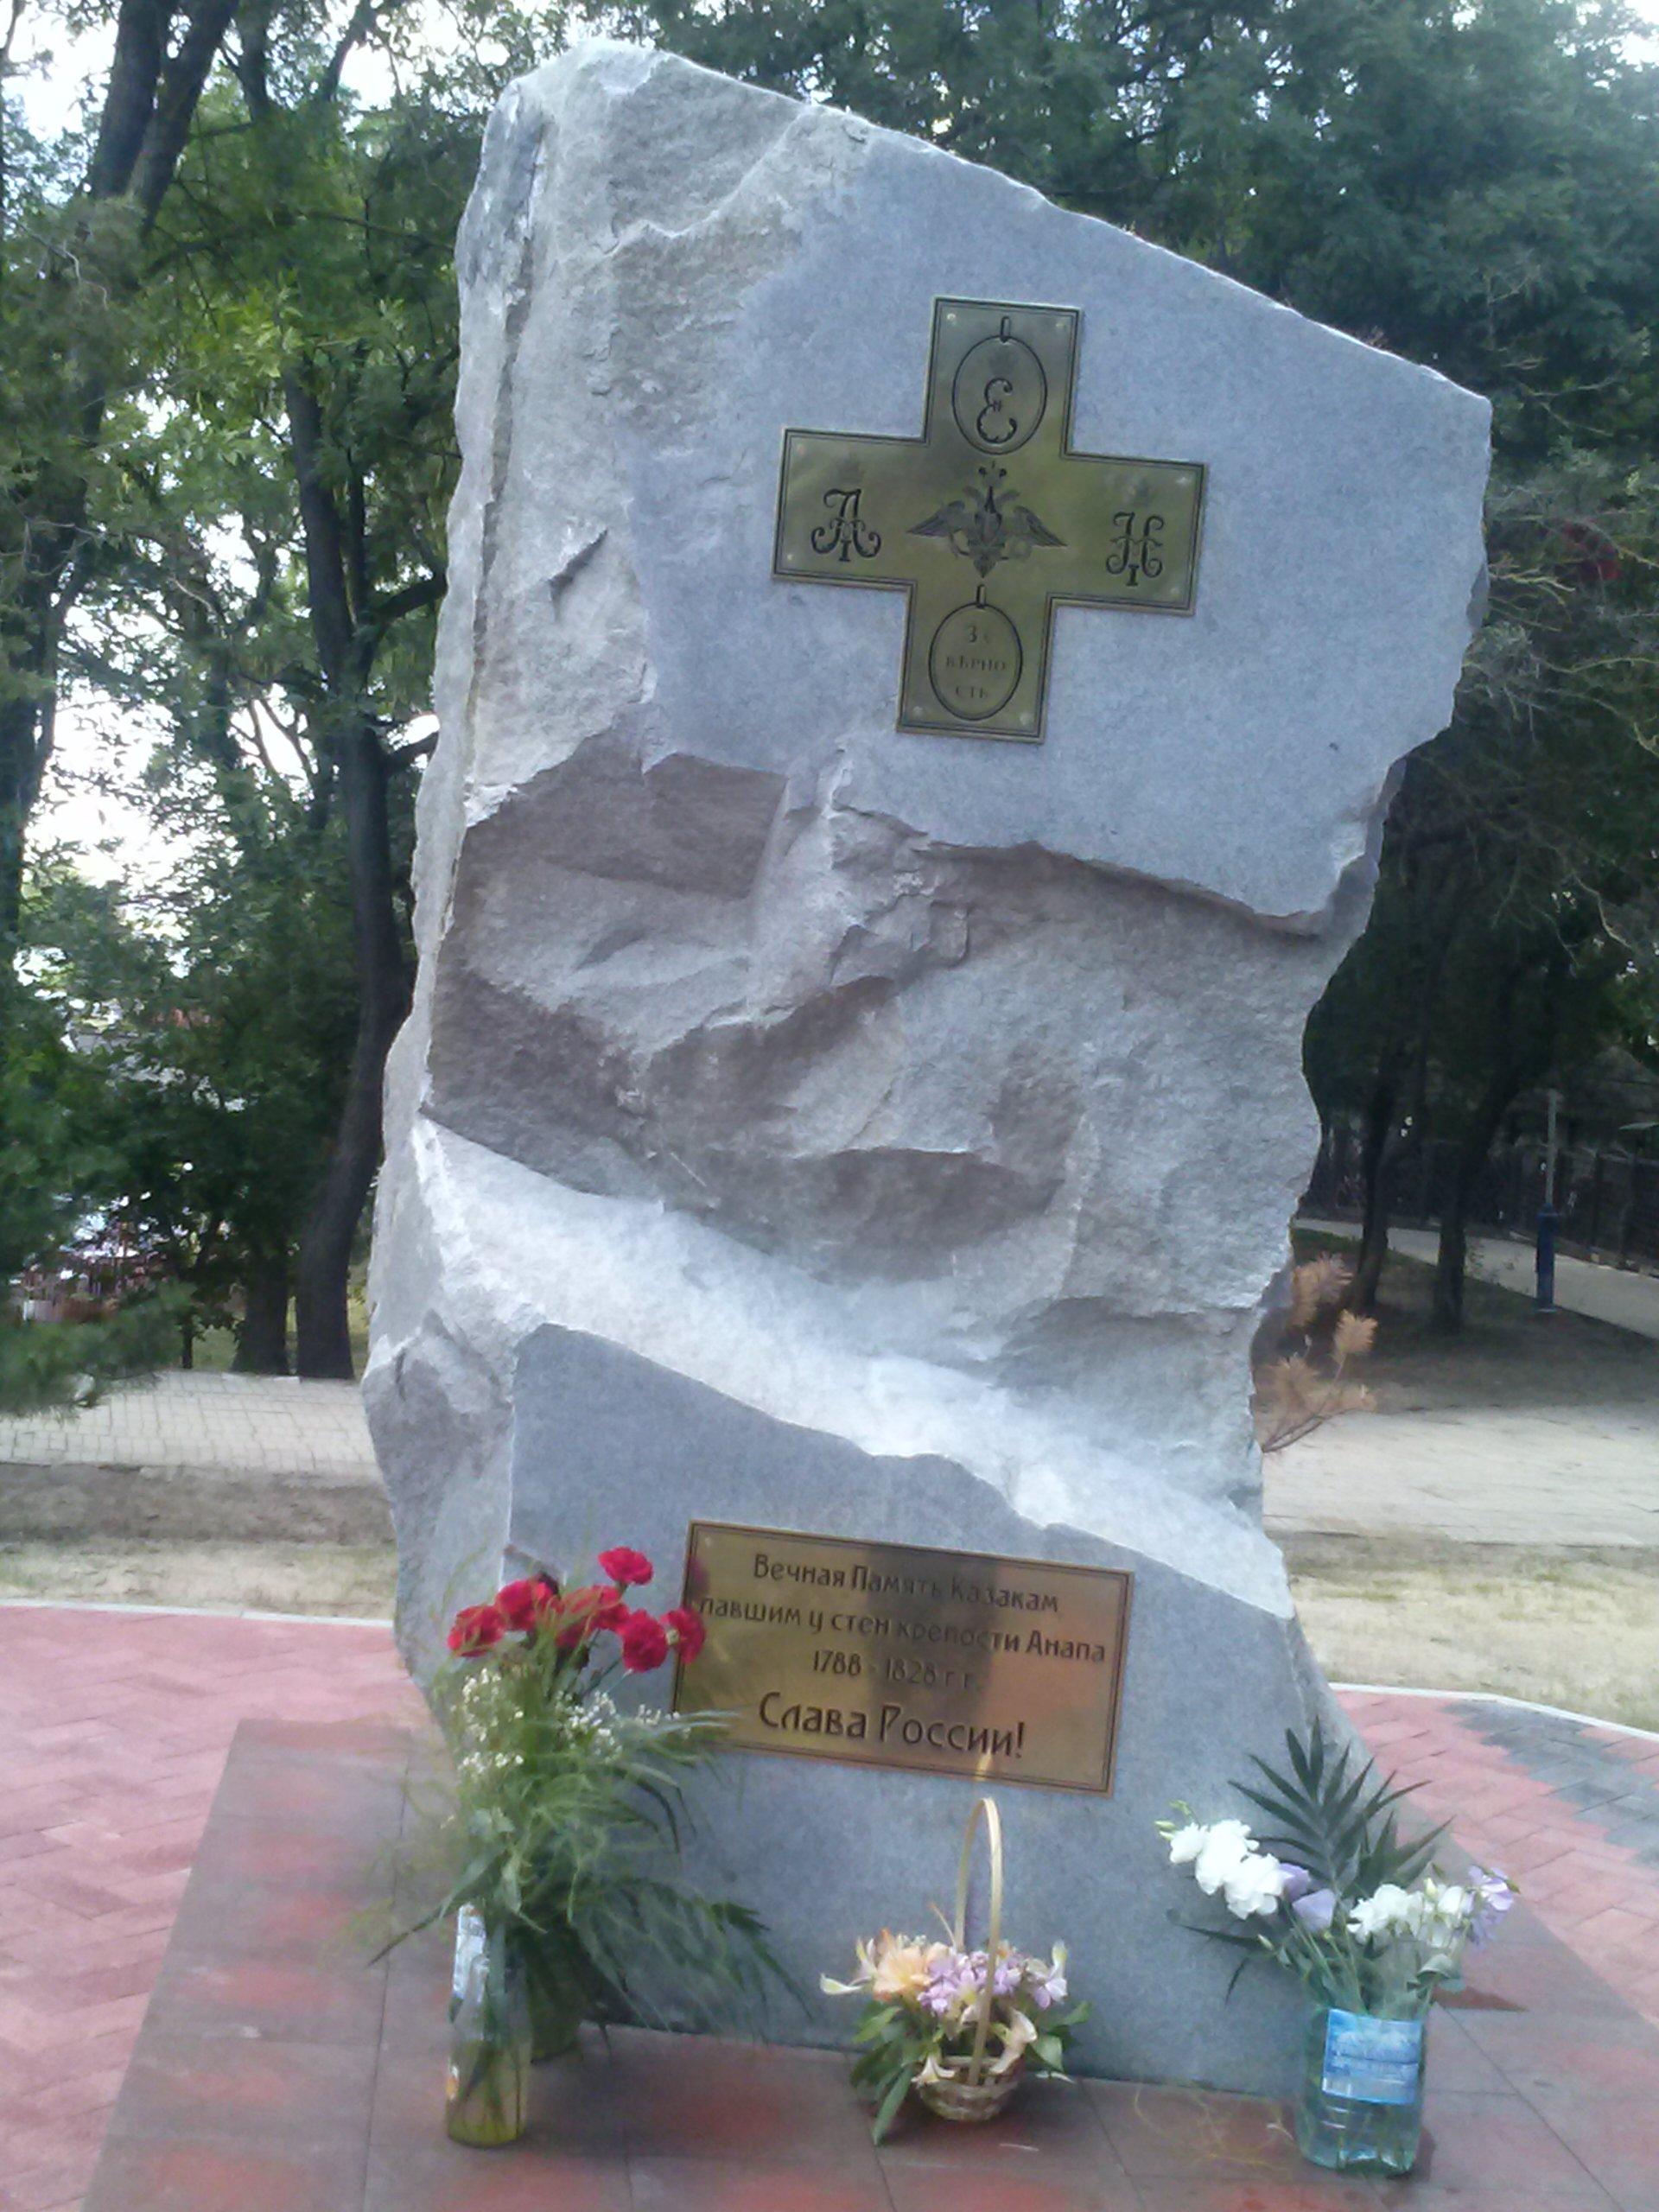 Памятники с ангелом цены Ковров на берегу моря изготовление фото на памятник шаблон